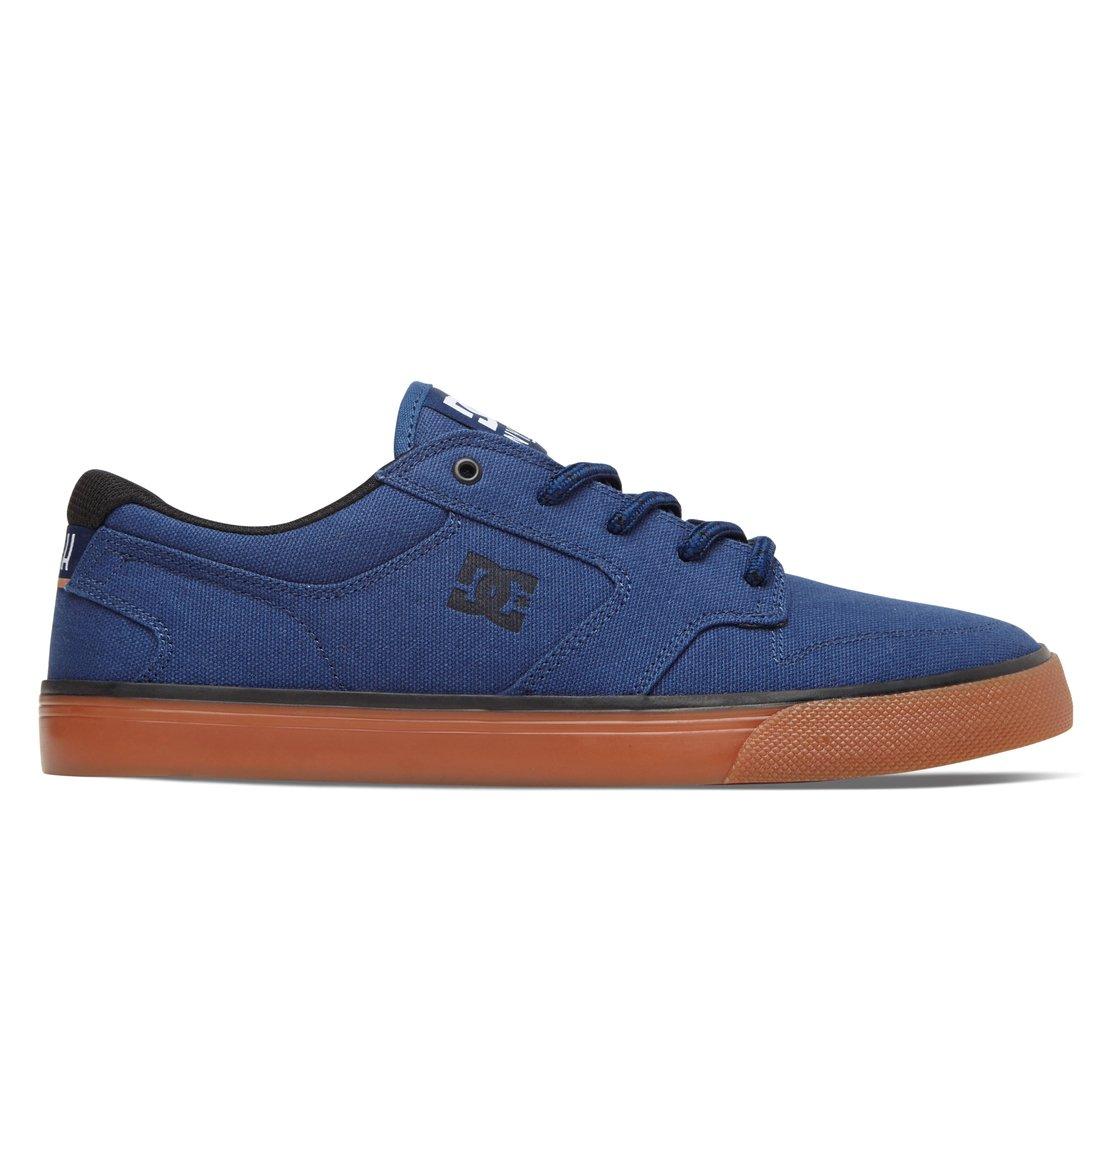 DC Shoes Council TX - Zapatillas bajas - niño - EU 36